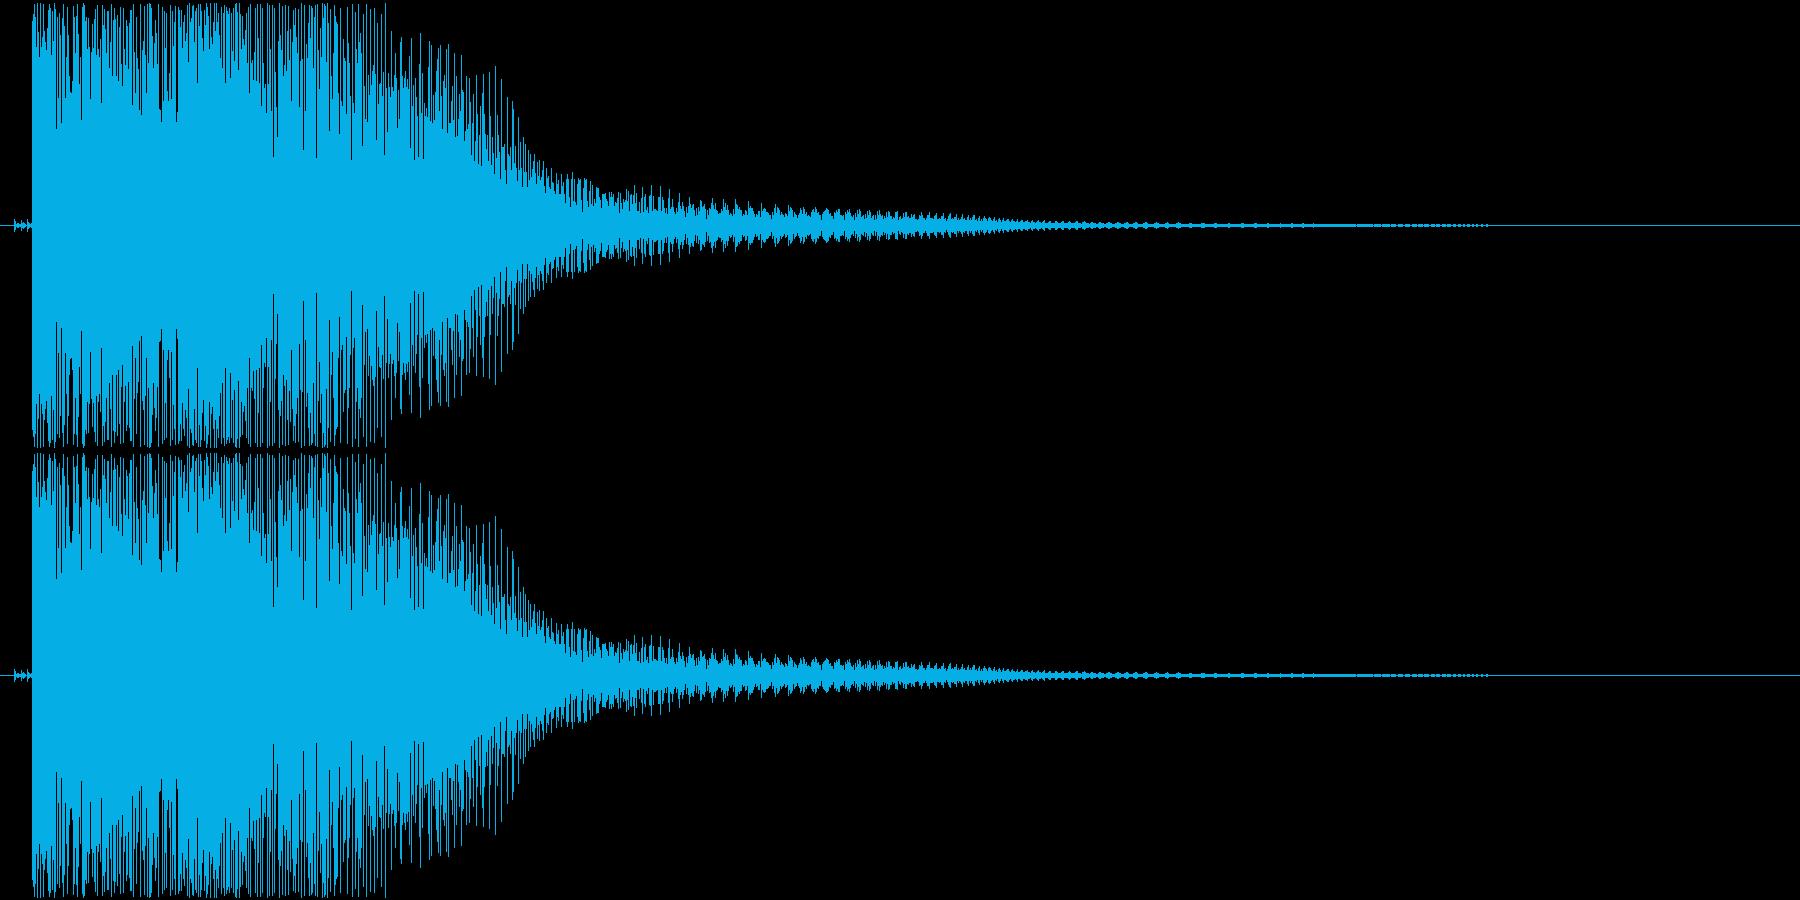 ダメージ音(ポヨン)の再生済みの波形